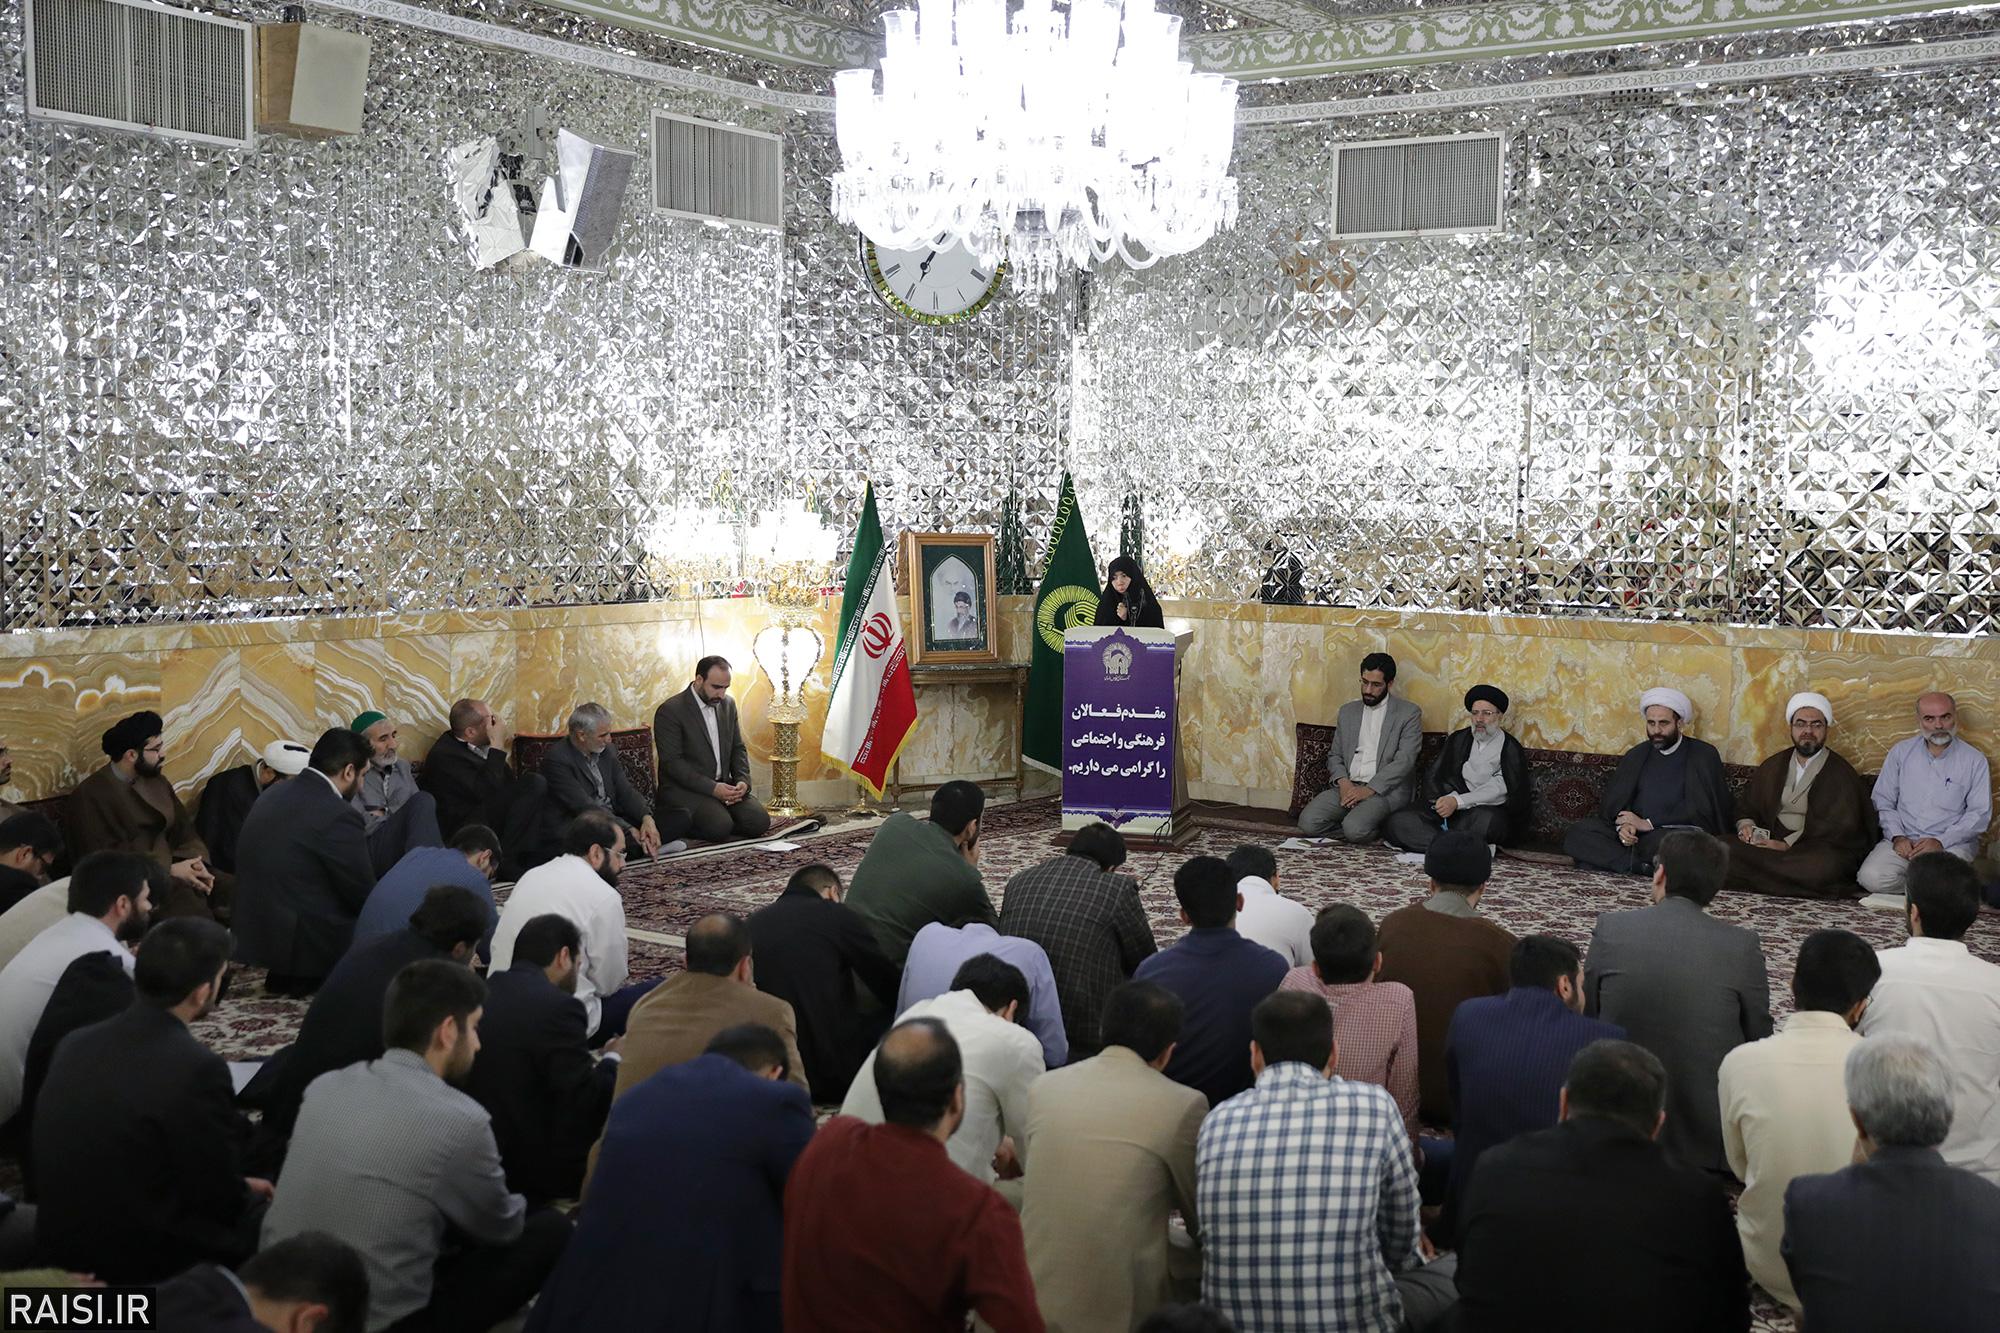 دیدار و گفتگوی جمعی از فعالان فرهنگی و اجتماعی مشهد مقدس با حجتالاسلام رئیسی